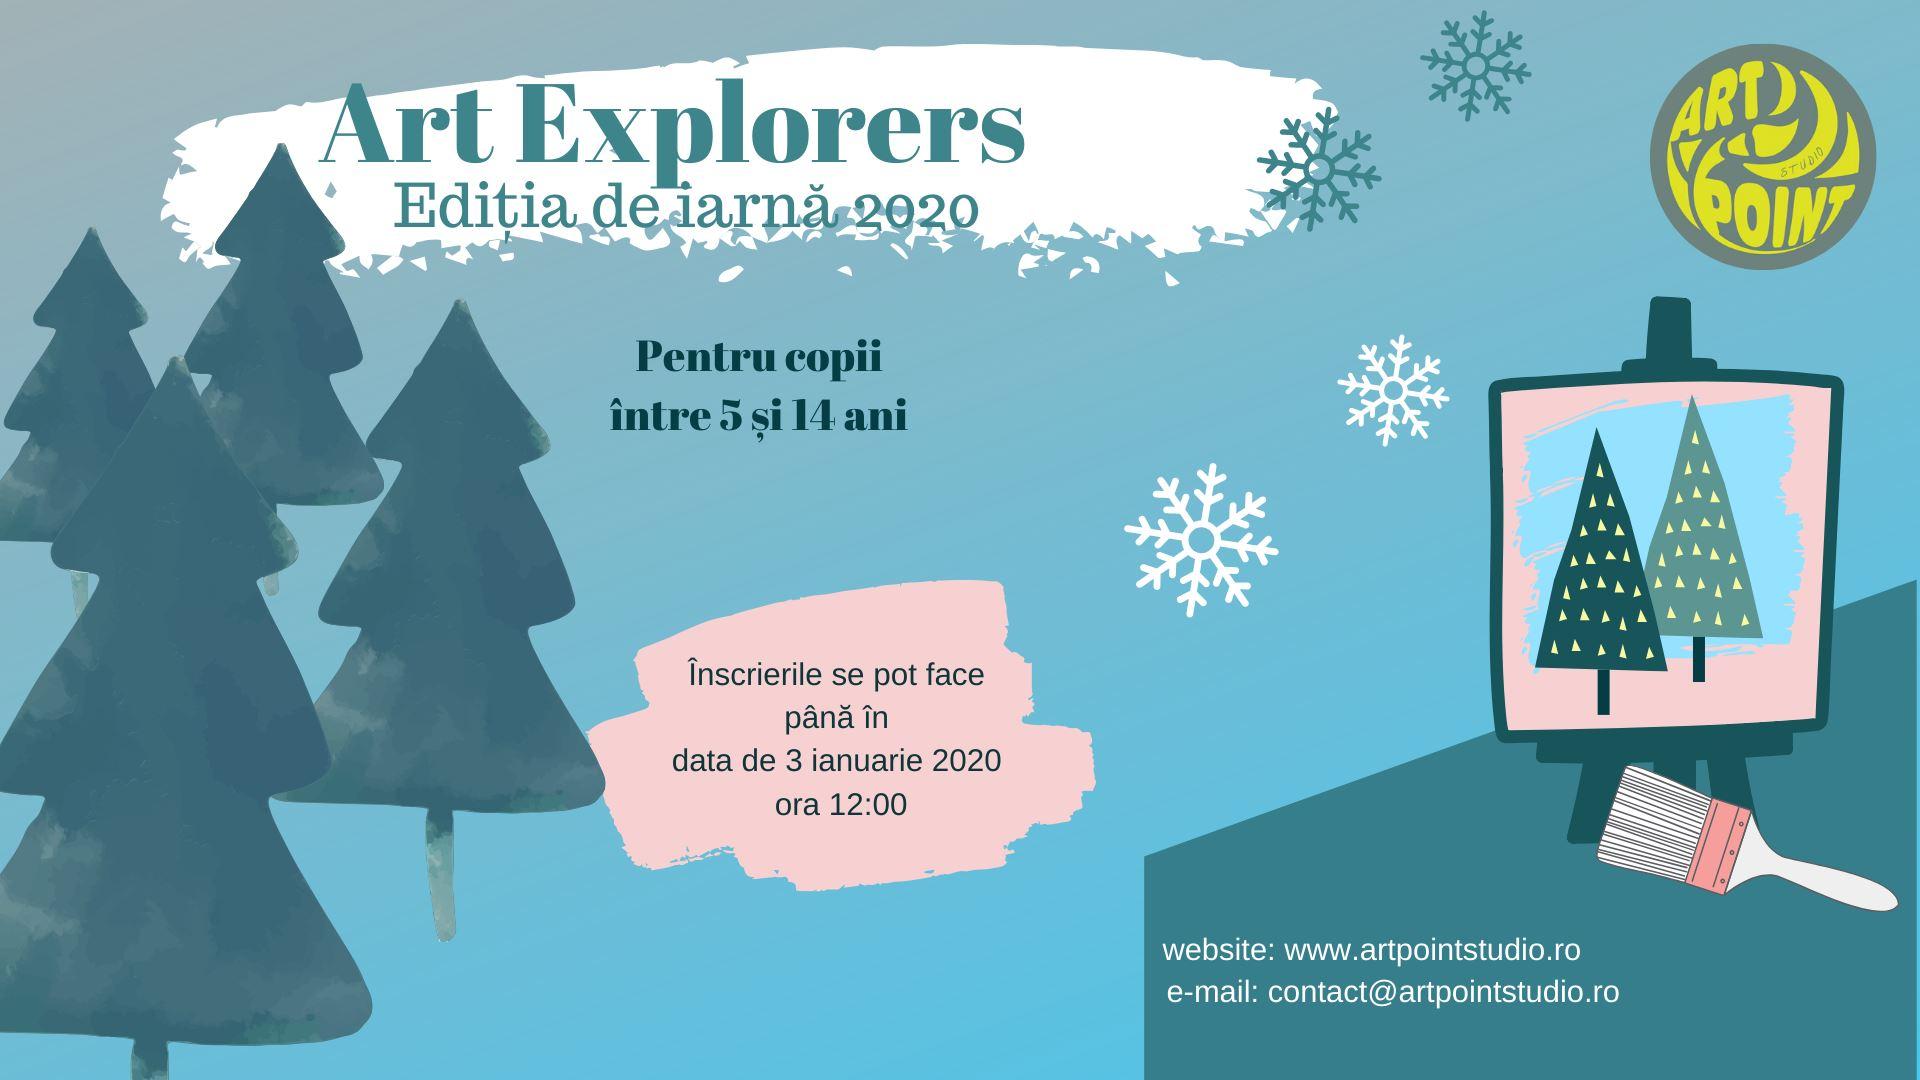 Art explorers ediția de iarnă 2020